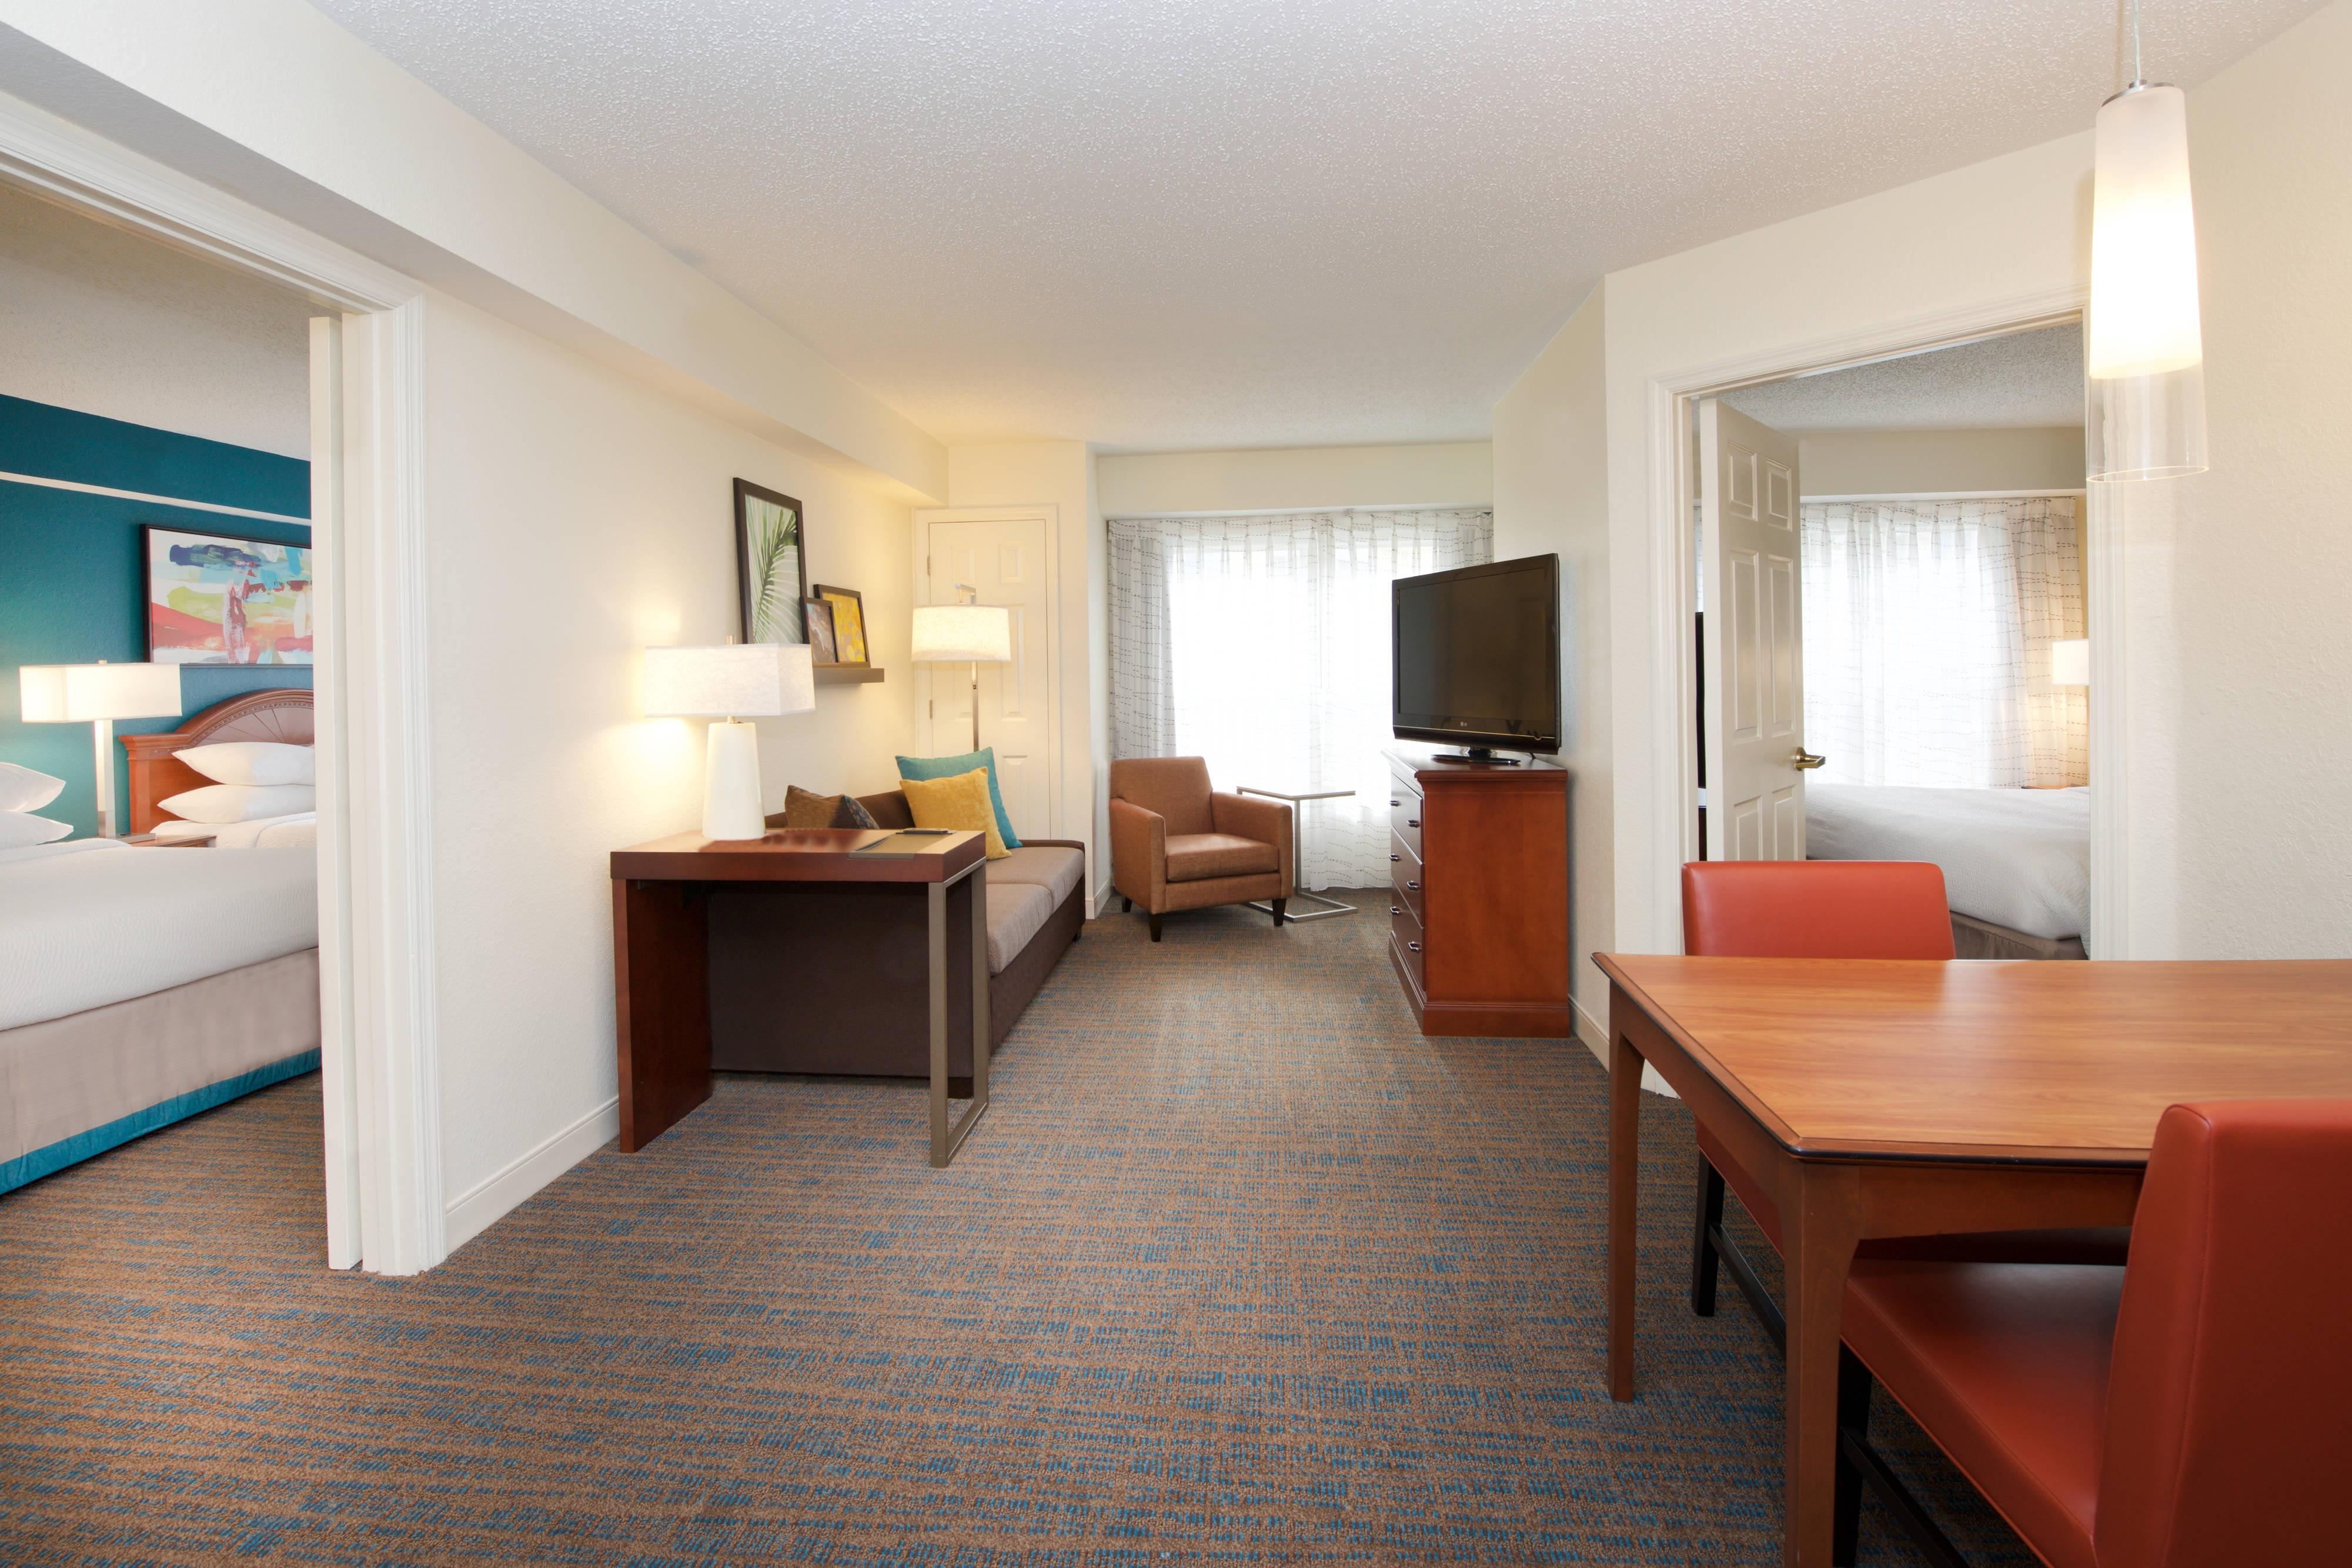 Hotel suites near disney world residence inn orlando - 2 bedroom suites near disney world orlando ...